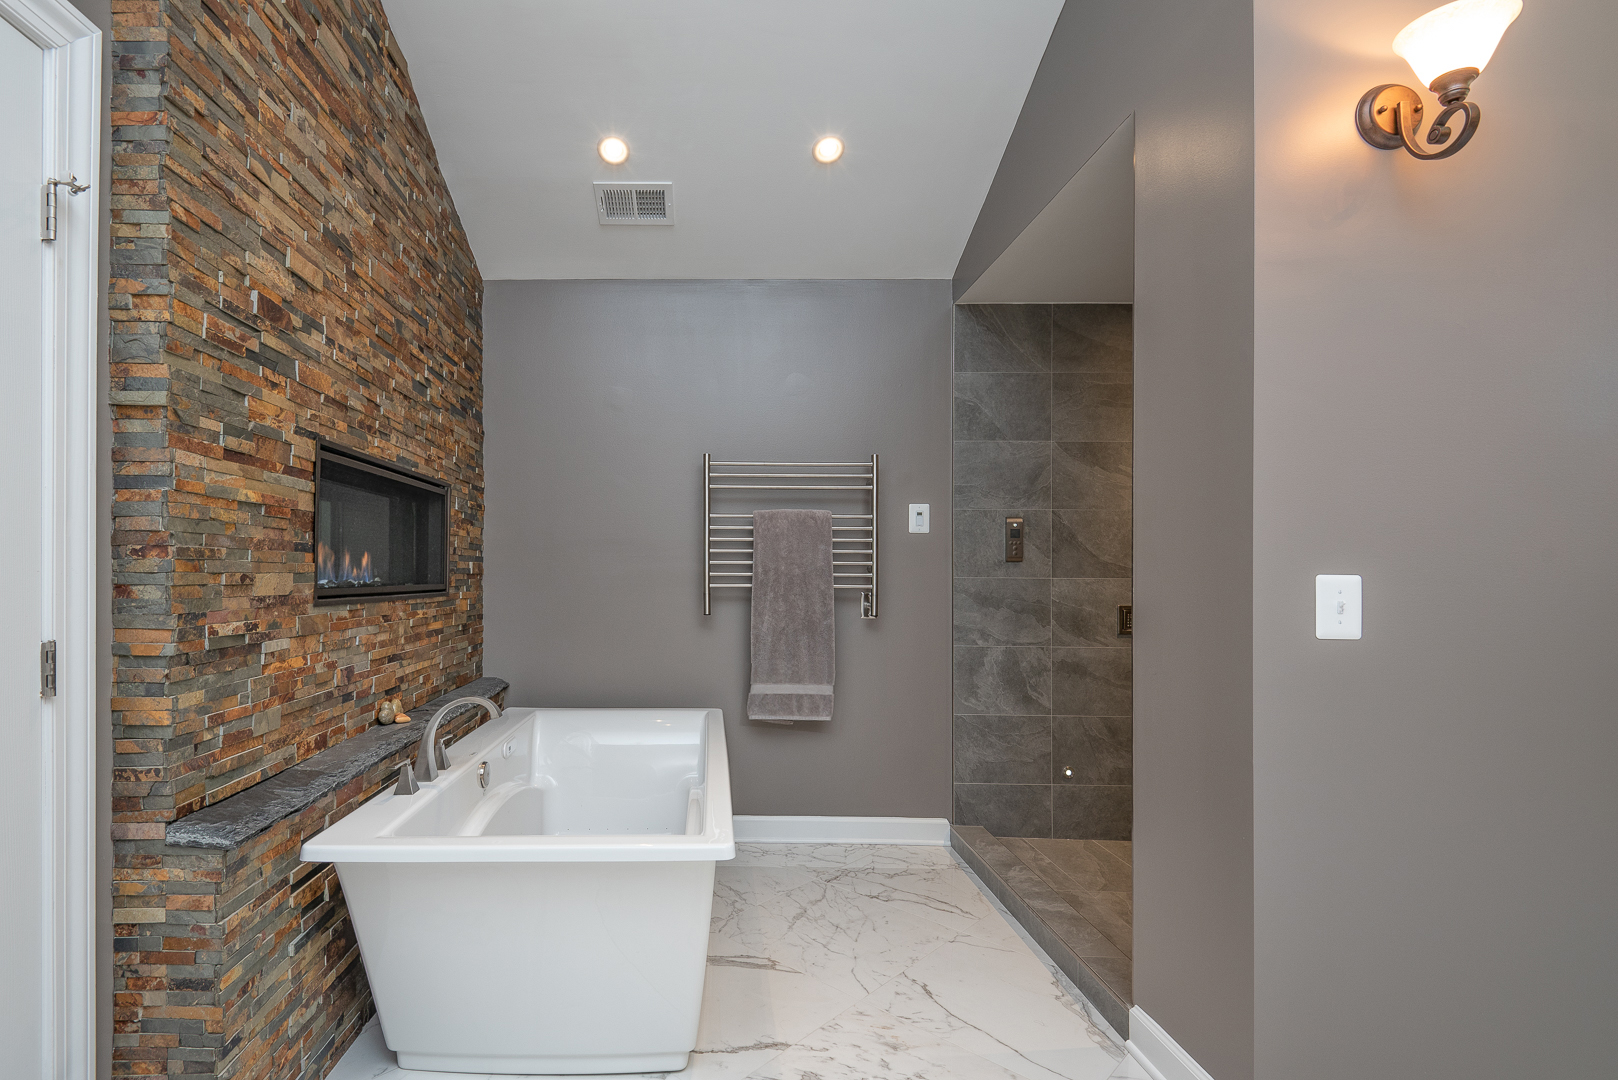 bathroom remodeling as an art